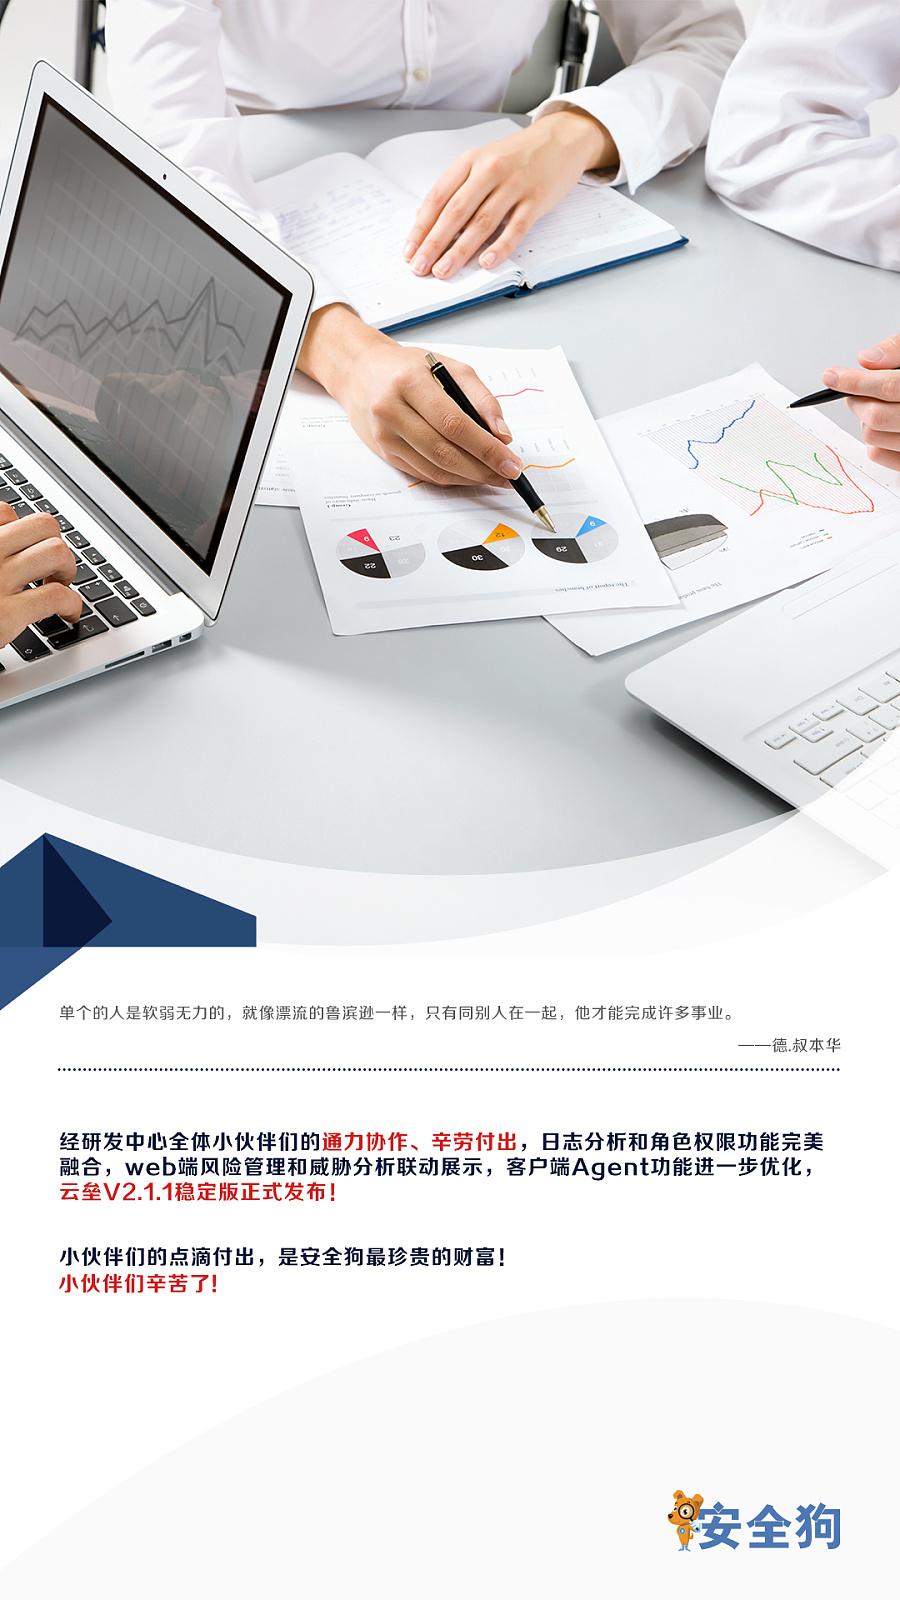 【飞机稿】关于企业文化|海报|平面|瑾之